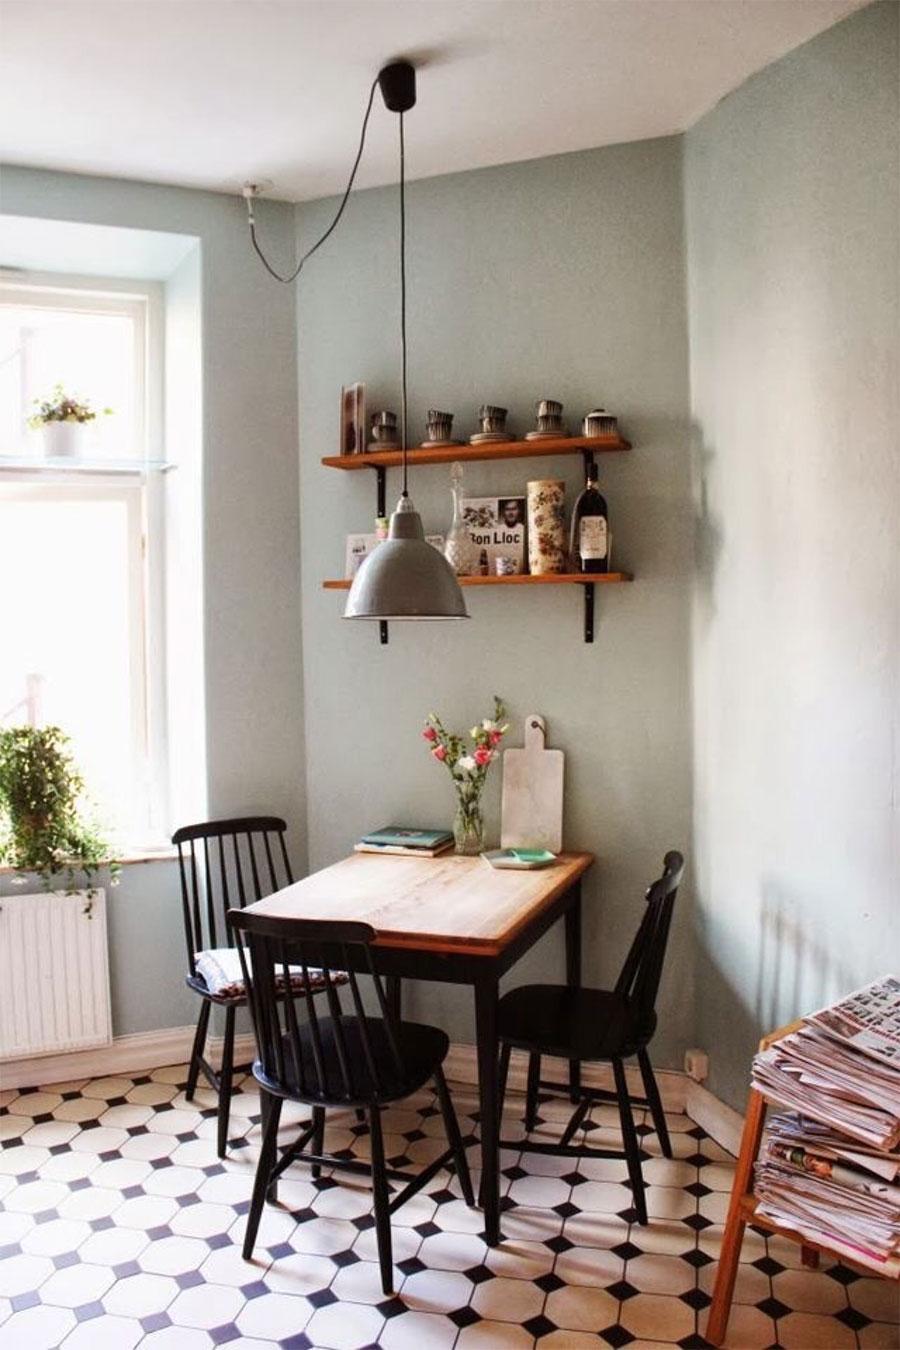 blog de moda y lifestyle deco baldosas hidr ulicas. Black Bedroom Furniture Sets. Home Design Ideas